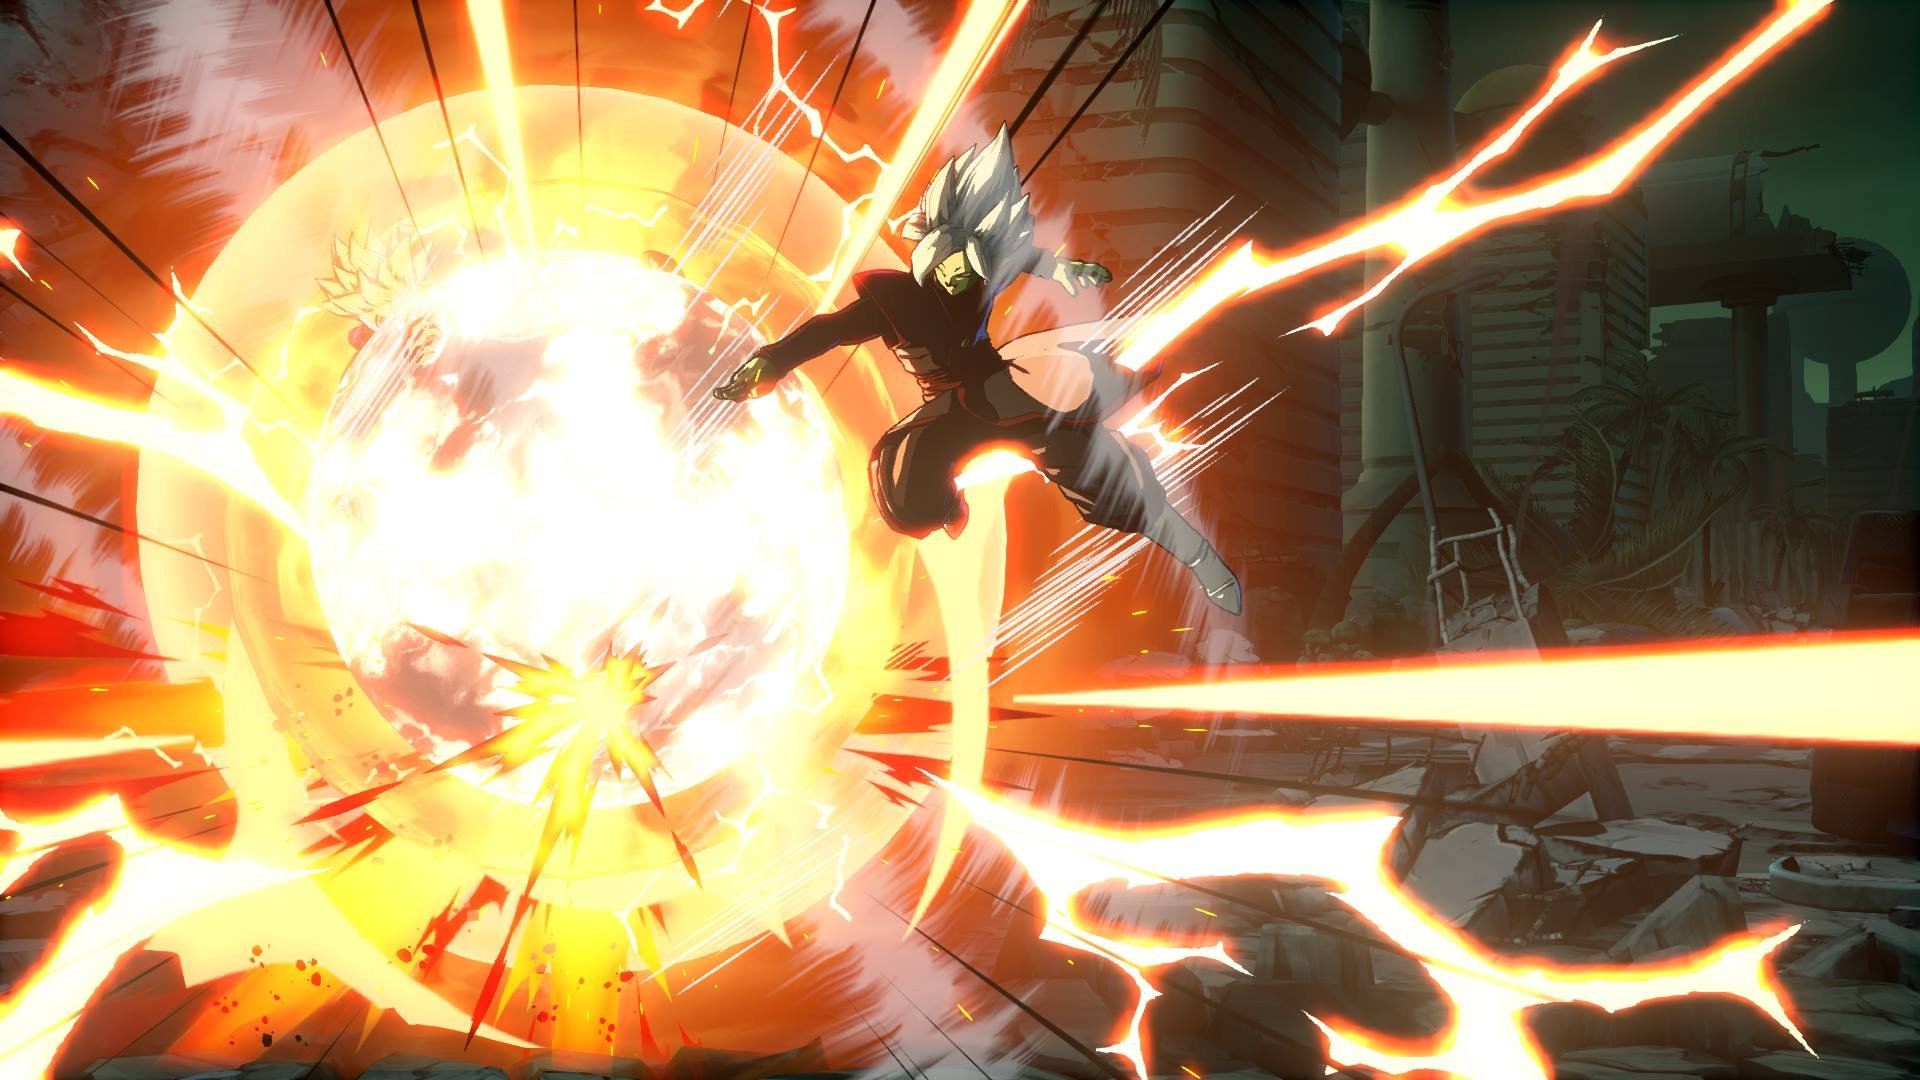 mira-las-nuevas3-imagenes-de-zamasu-fusionado-en-dragon-ball-fighter-z-frikigamers.com